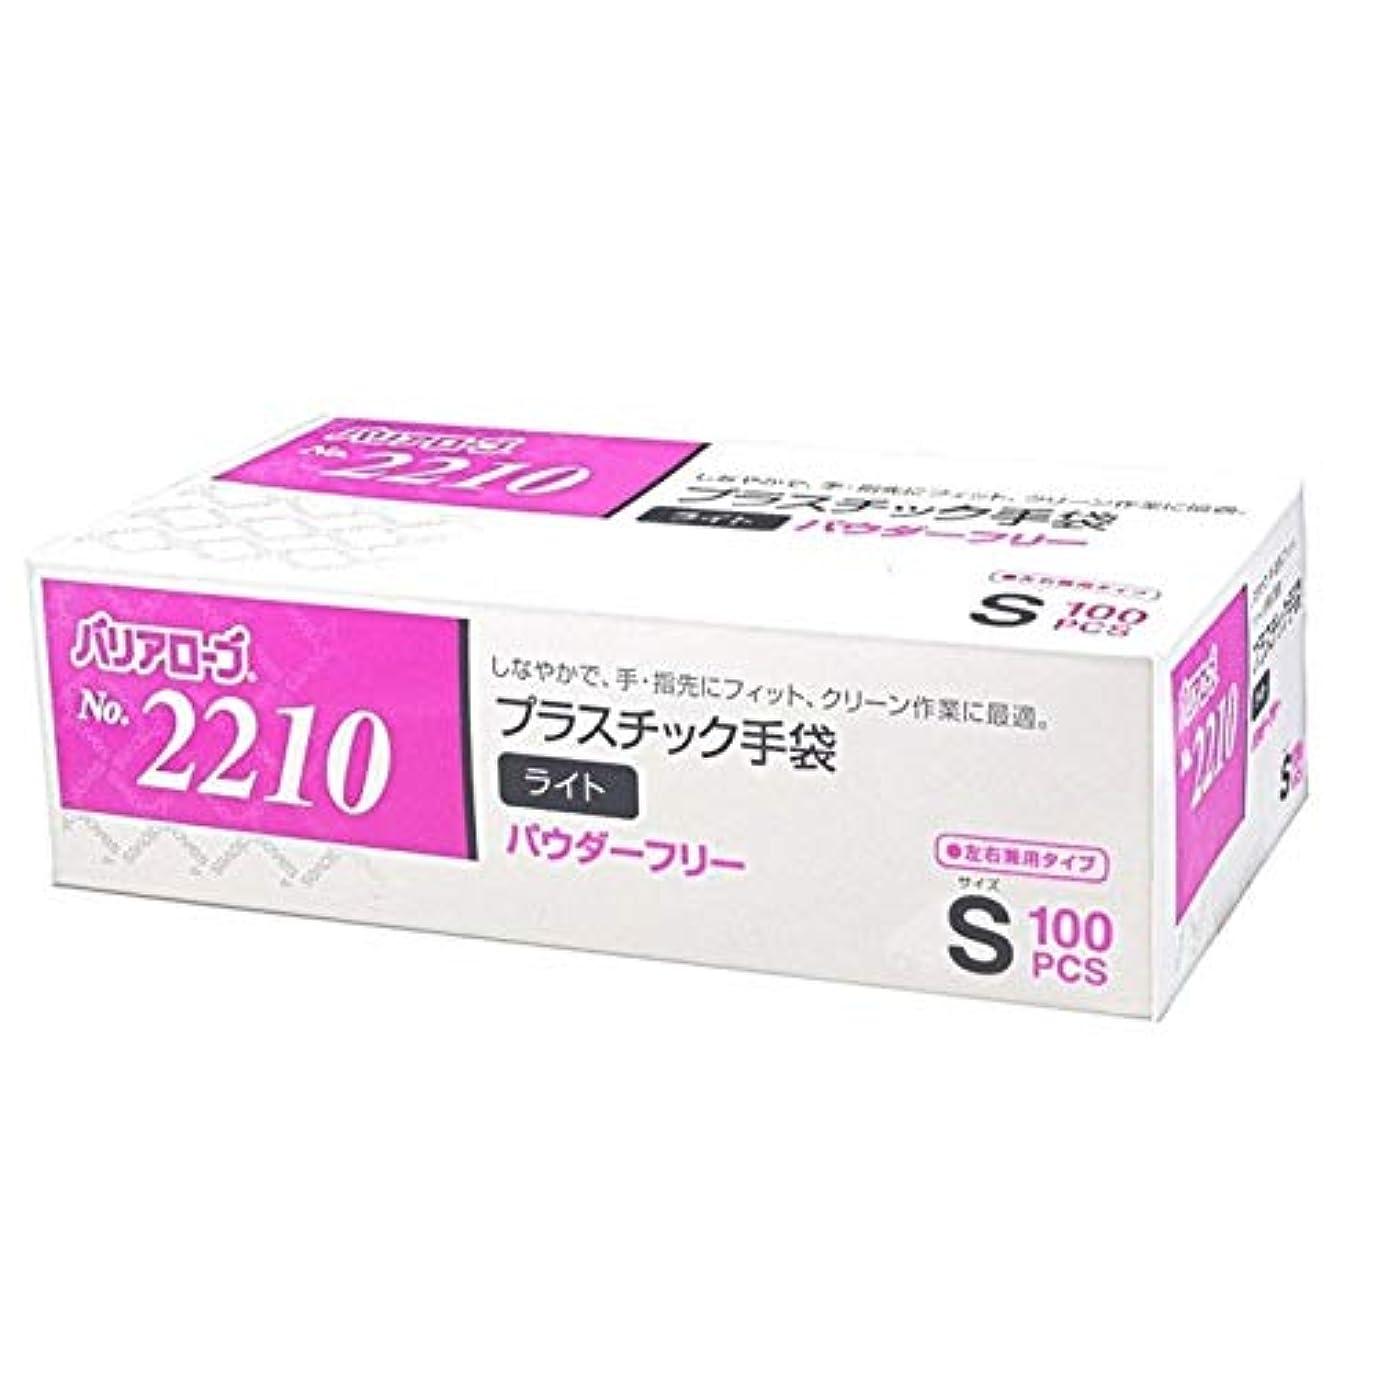 カールマイナー方法【ケース販売】 バリアローブ №2210 プラスチック手袋 ライト (パウダーフリー) S 2000枚(100枚×20箱)